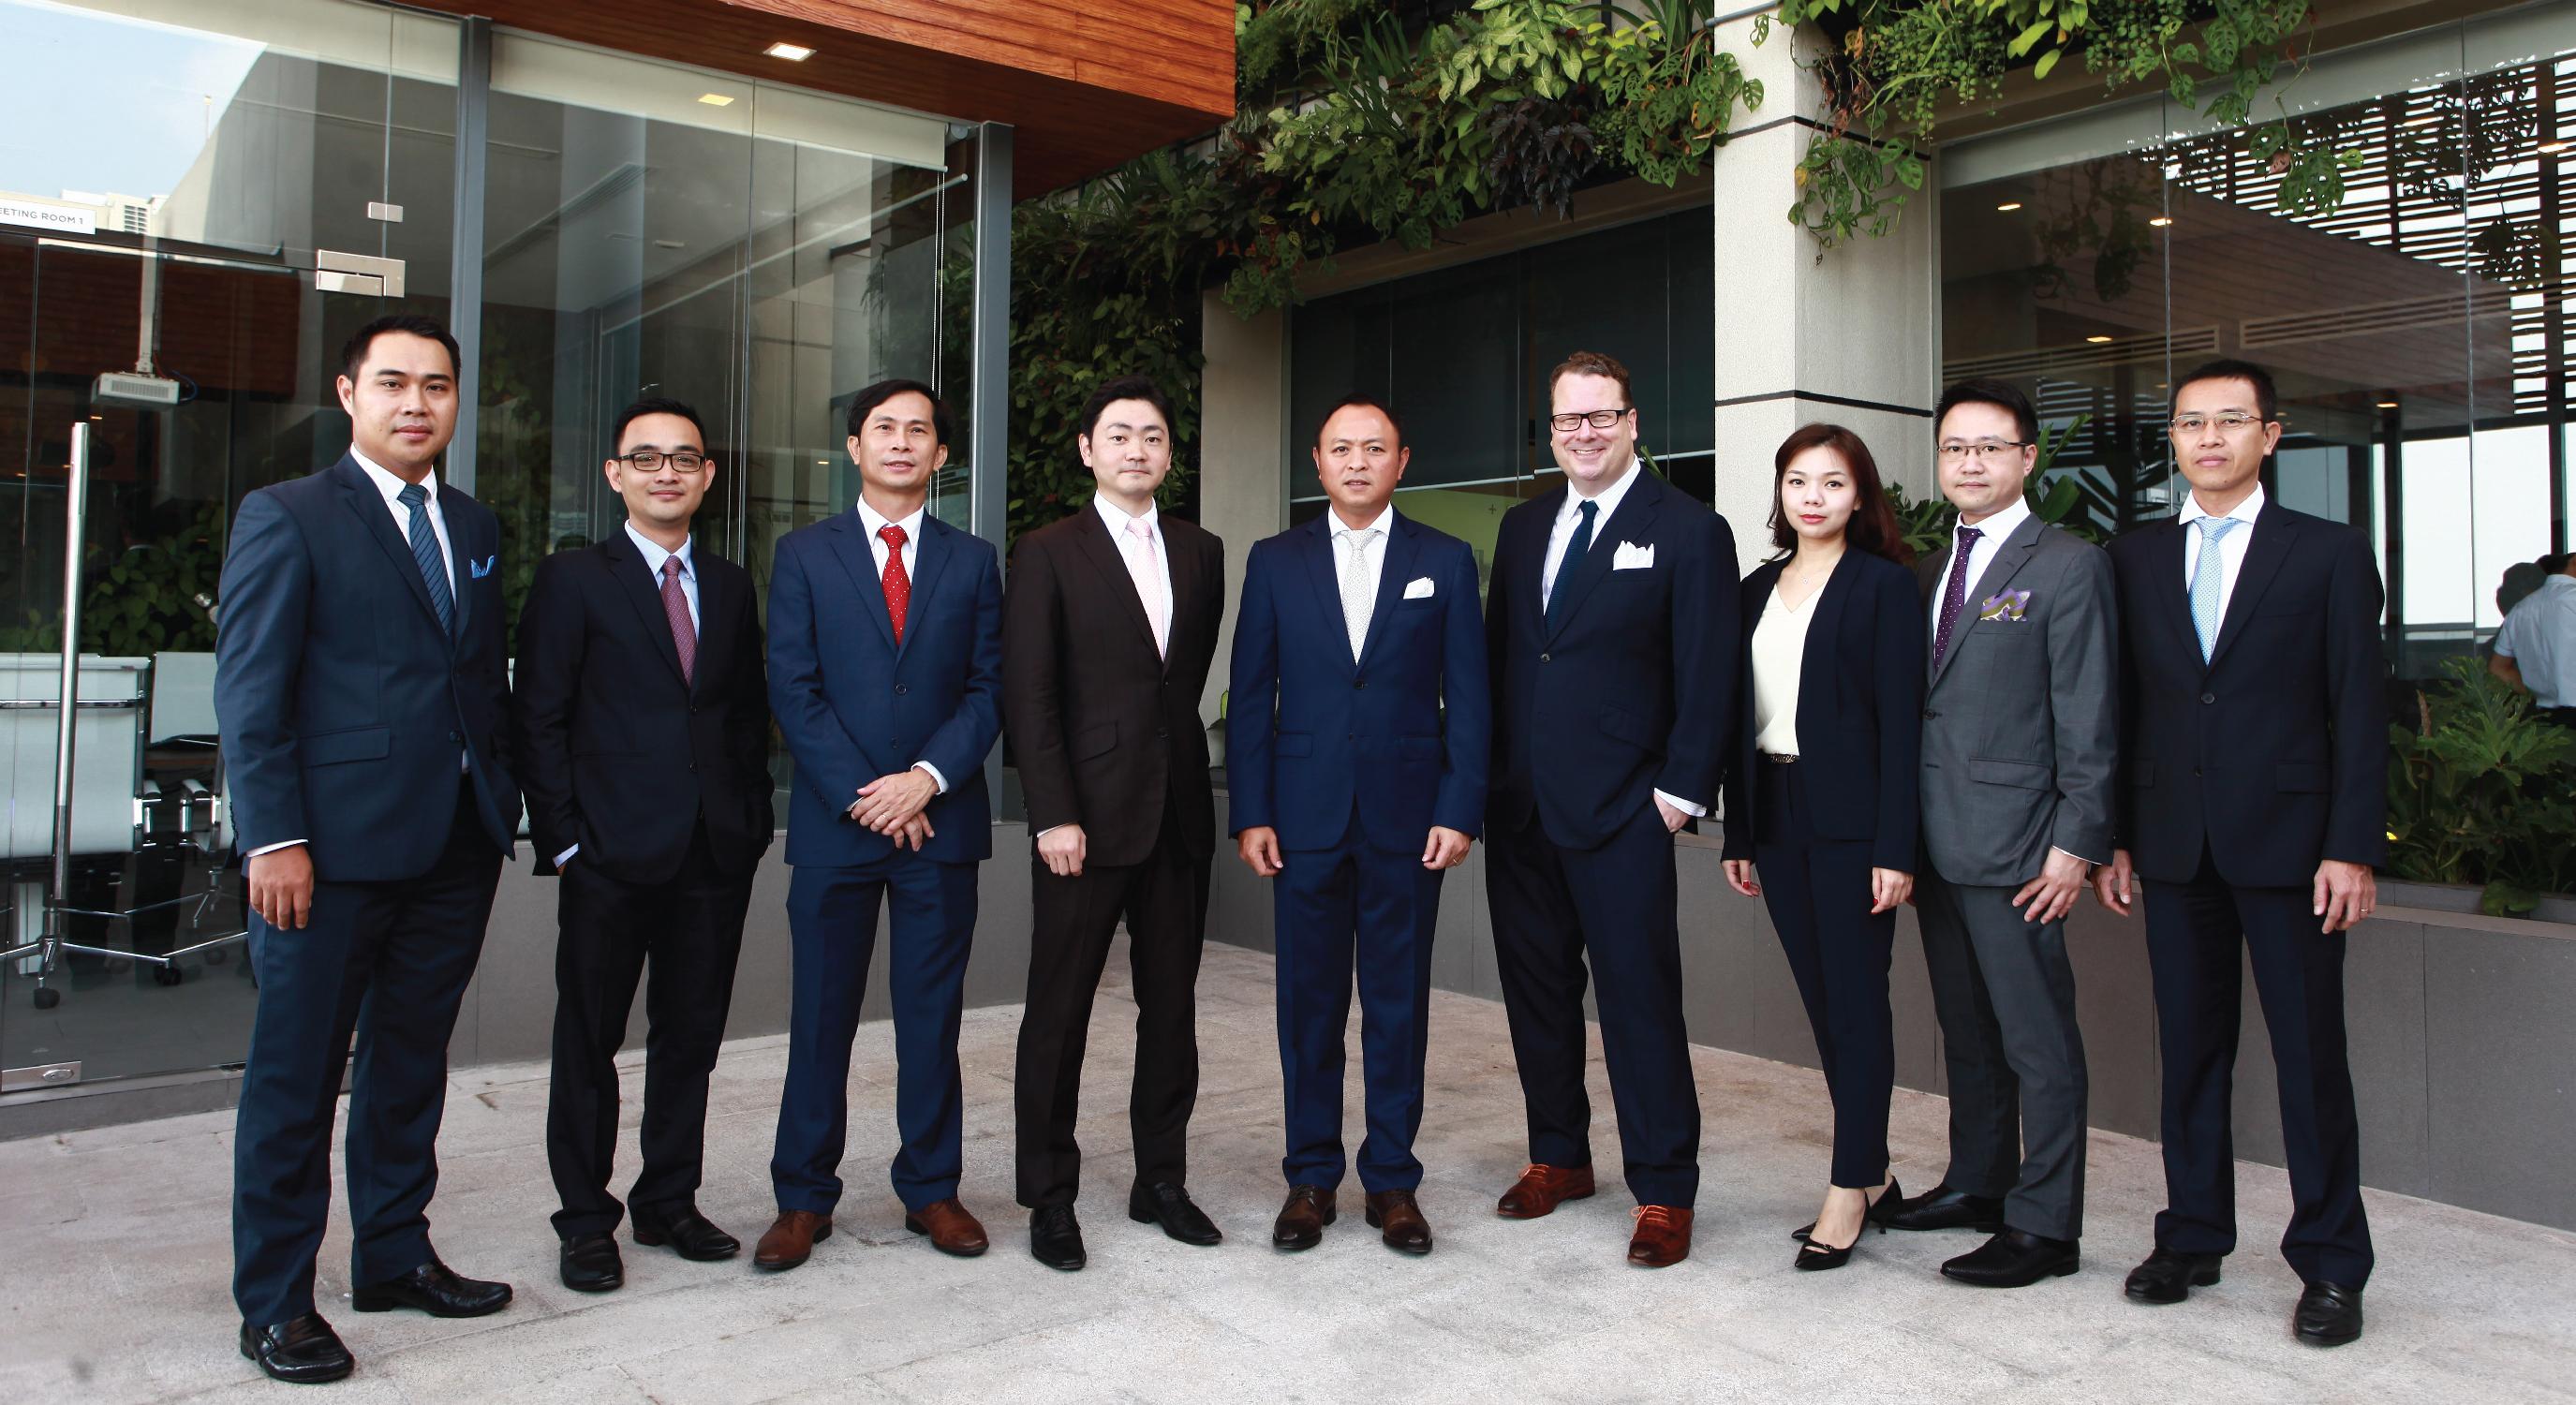 SonKim Land tiếp tục huy động thành công 100 triệu USD từ đối tác nước ngoài